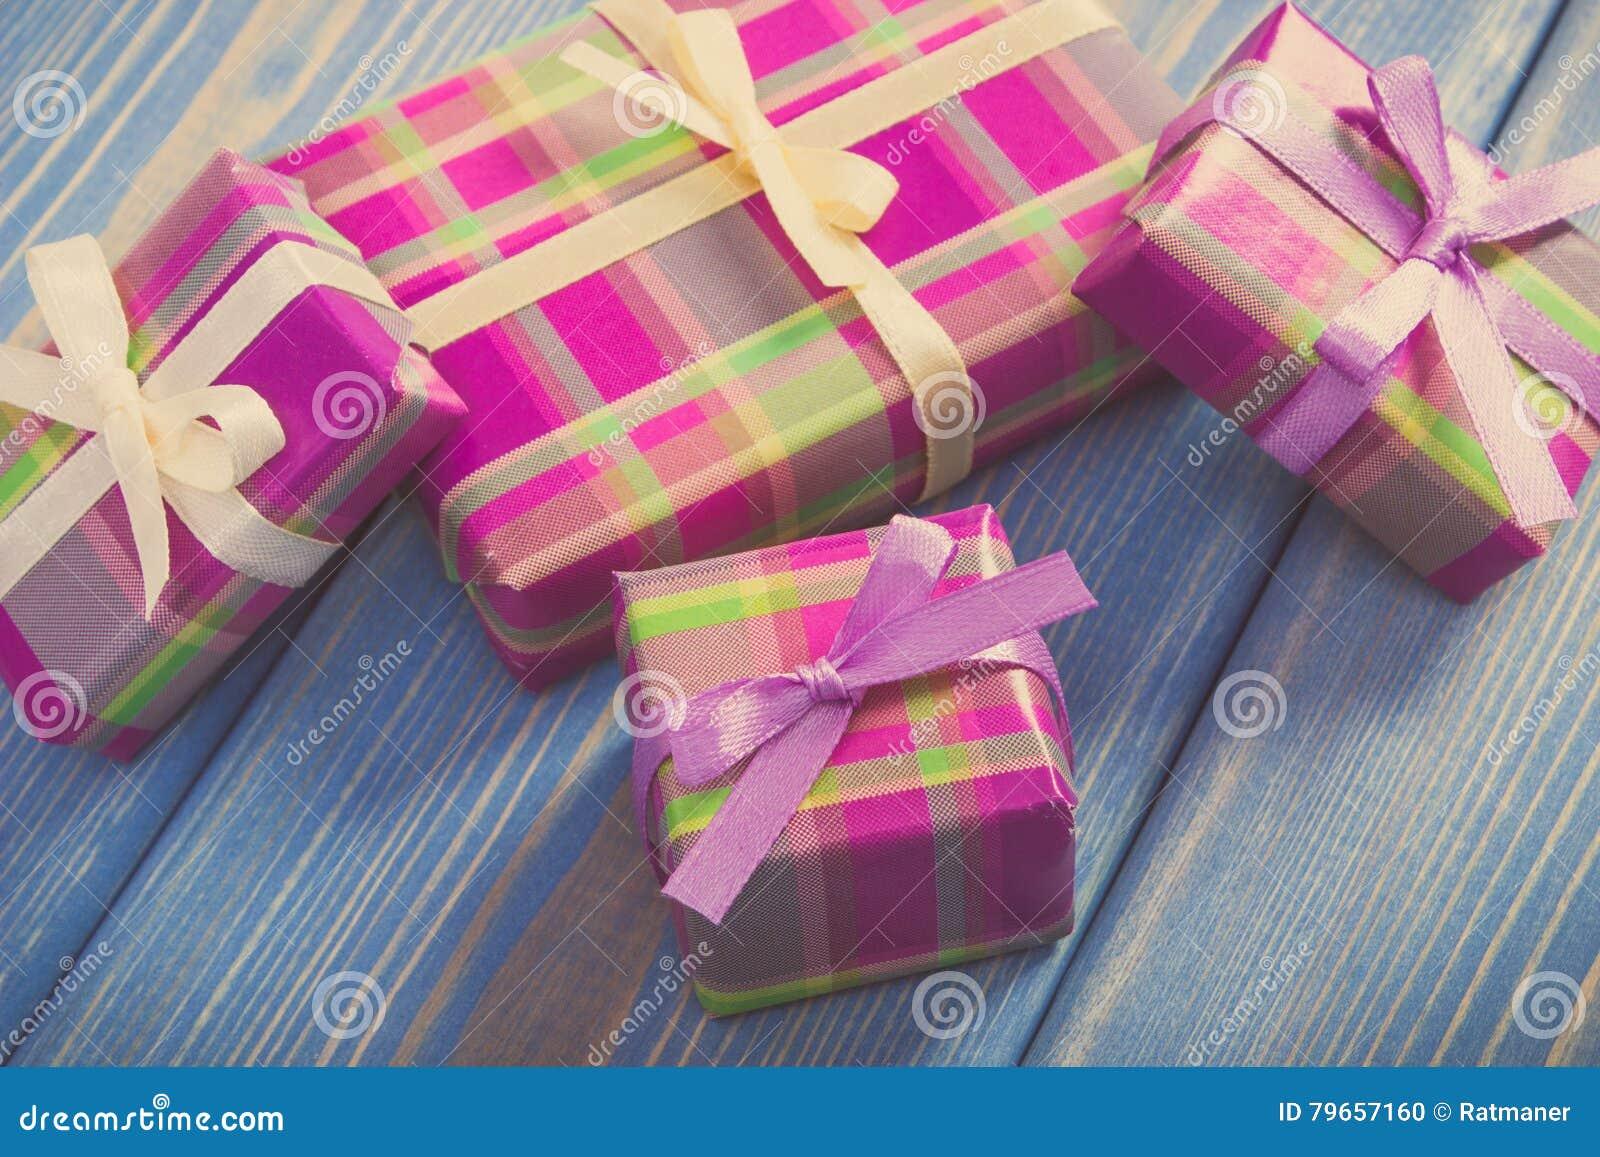 Εκλεκτής ποιότητας φωτογραφία, τυλιγμένα ζωηρόχρωμα δώρα με τις κορδέλλες για τα Χριστούγεννα ή άλλο εορτασμό